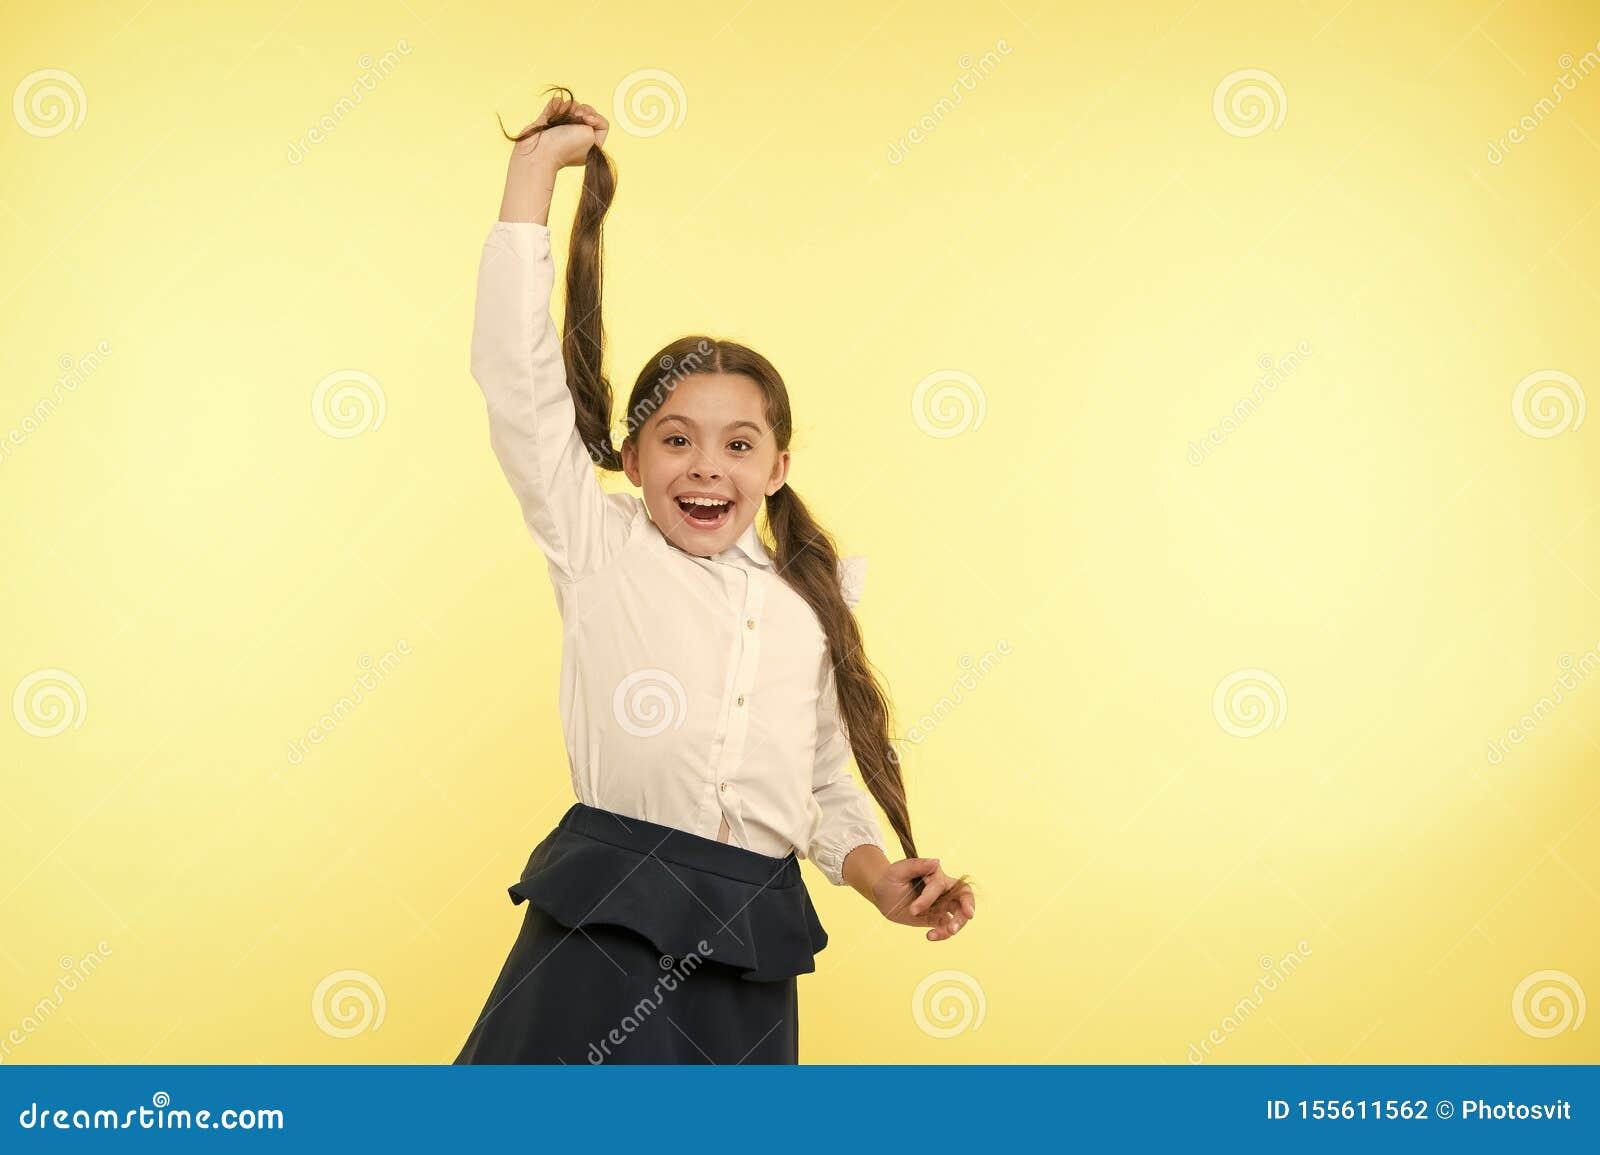 舒适和容易的发型 与长发发型的成交单独 孩子女孩长的马尾辫发型 ??